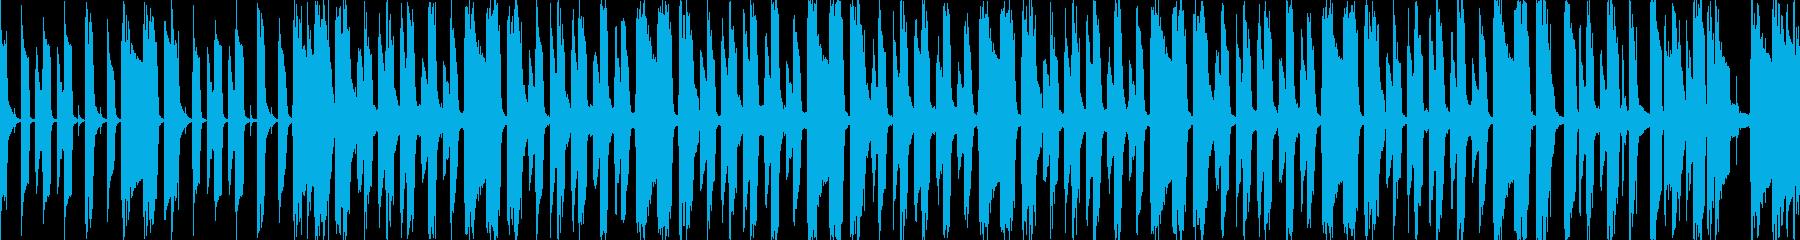 汎用BGM/ギャグ(LOOP対応)の再生済みの波形